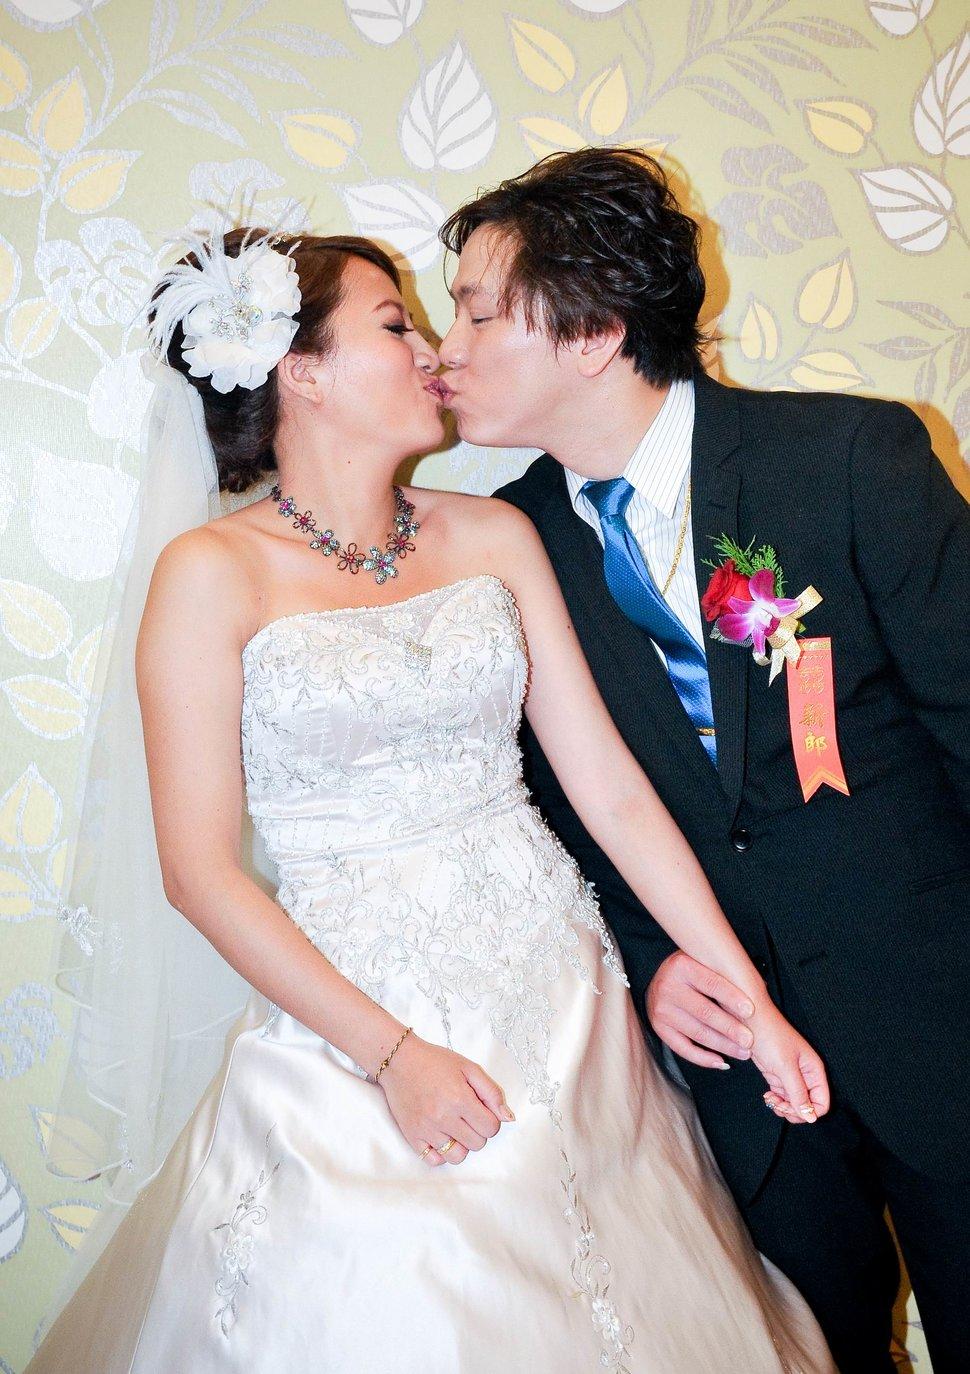 新店璽筵國際宴會廳結婚迎娶儀式午宴婚禮記錄結婚迎娶婚禮記錄動態微電影錄影專業錄影平面攝影婚攝婚禮主持人(編號:214806) - 蜜月拍照10800錄影12800攝影團隊 - 結婚吧